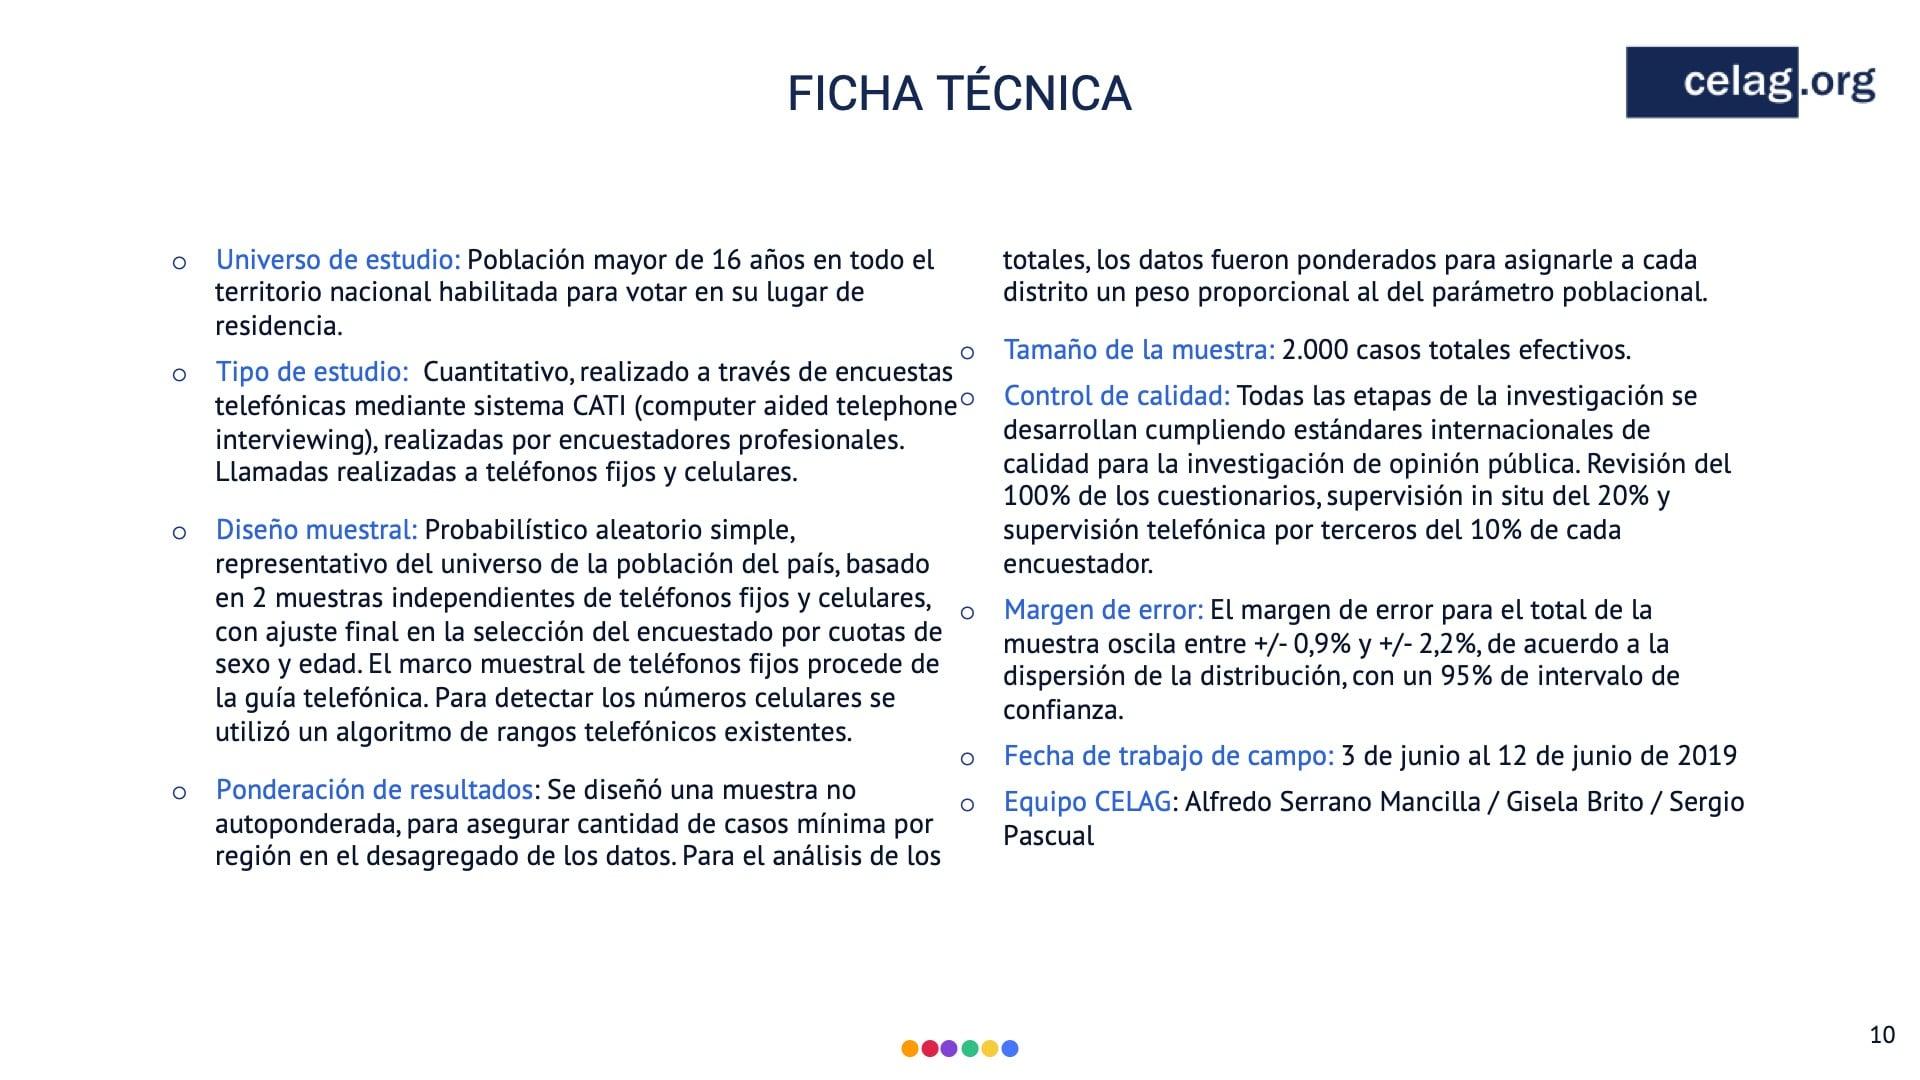 ficha tecnica encuesta argentina 2019